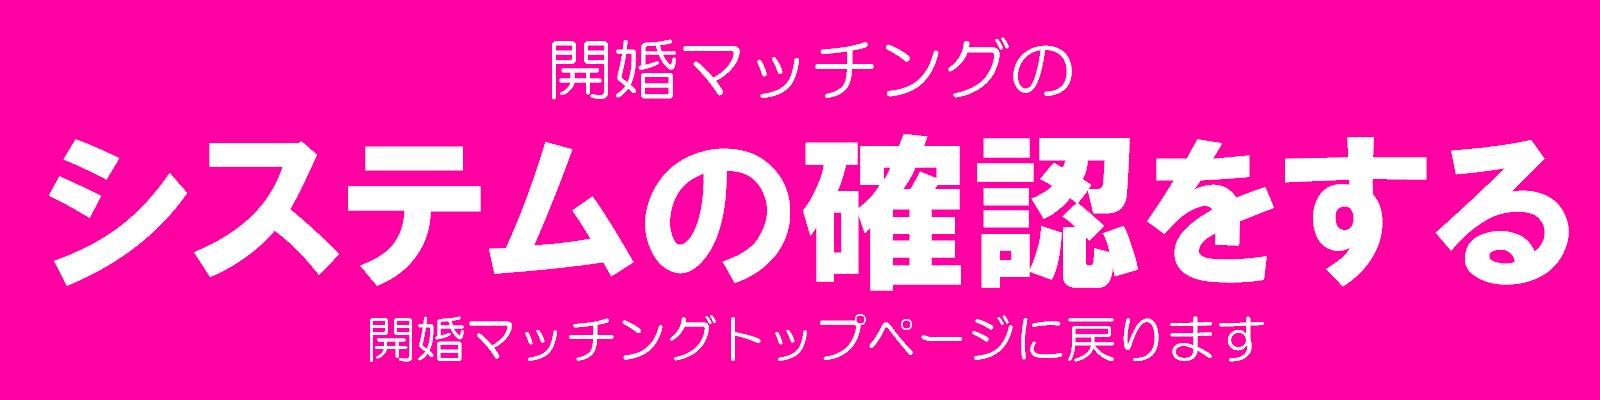 婚活東京なら開婚マッチングのトップページに戻る!